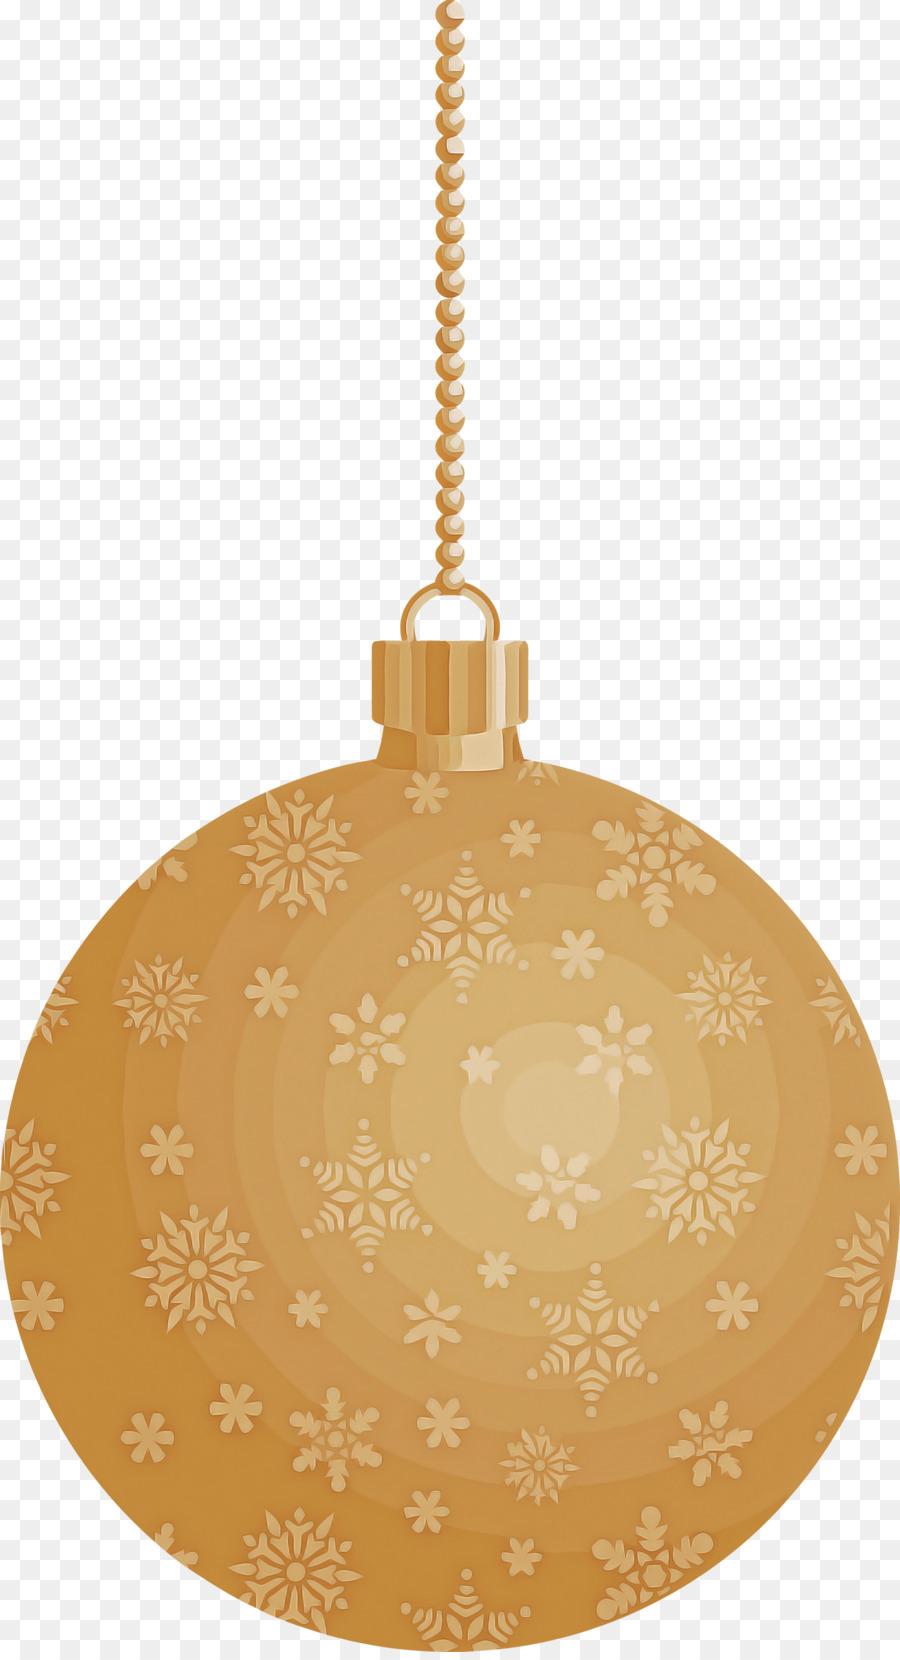 Descarga gratuita de Naranja, Adorno De Navidad, Amarillo Imágen de Png